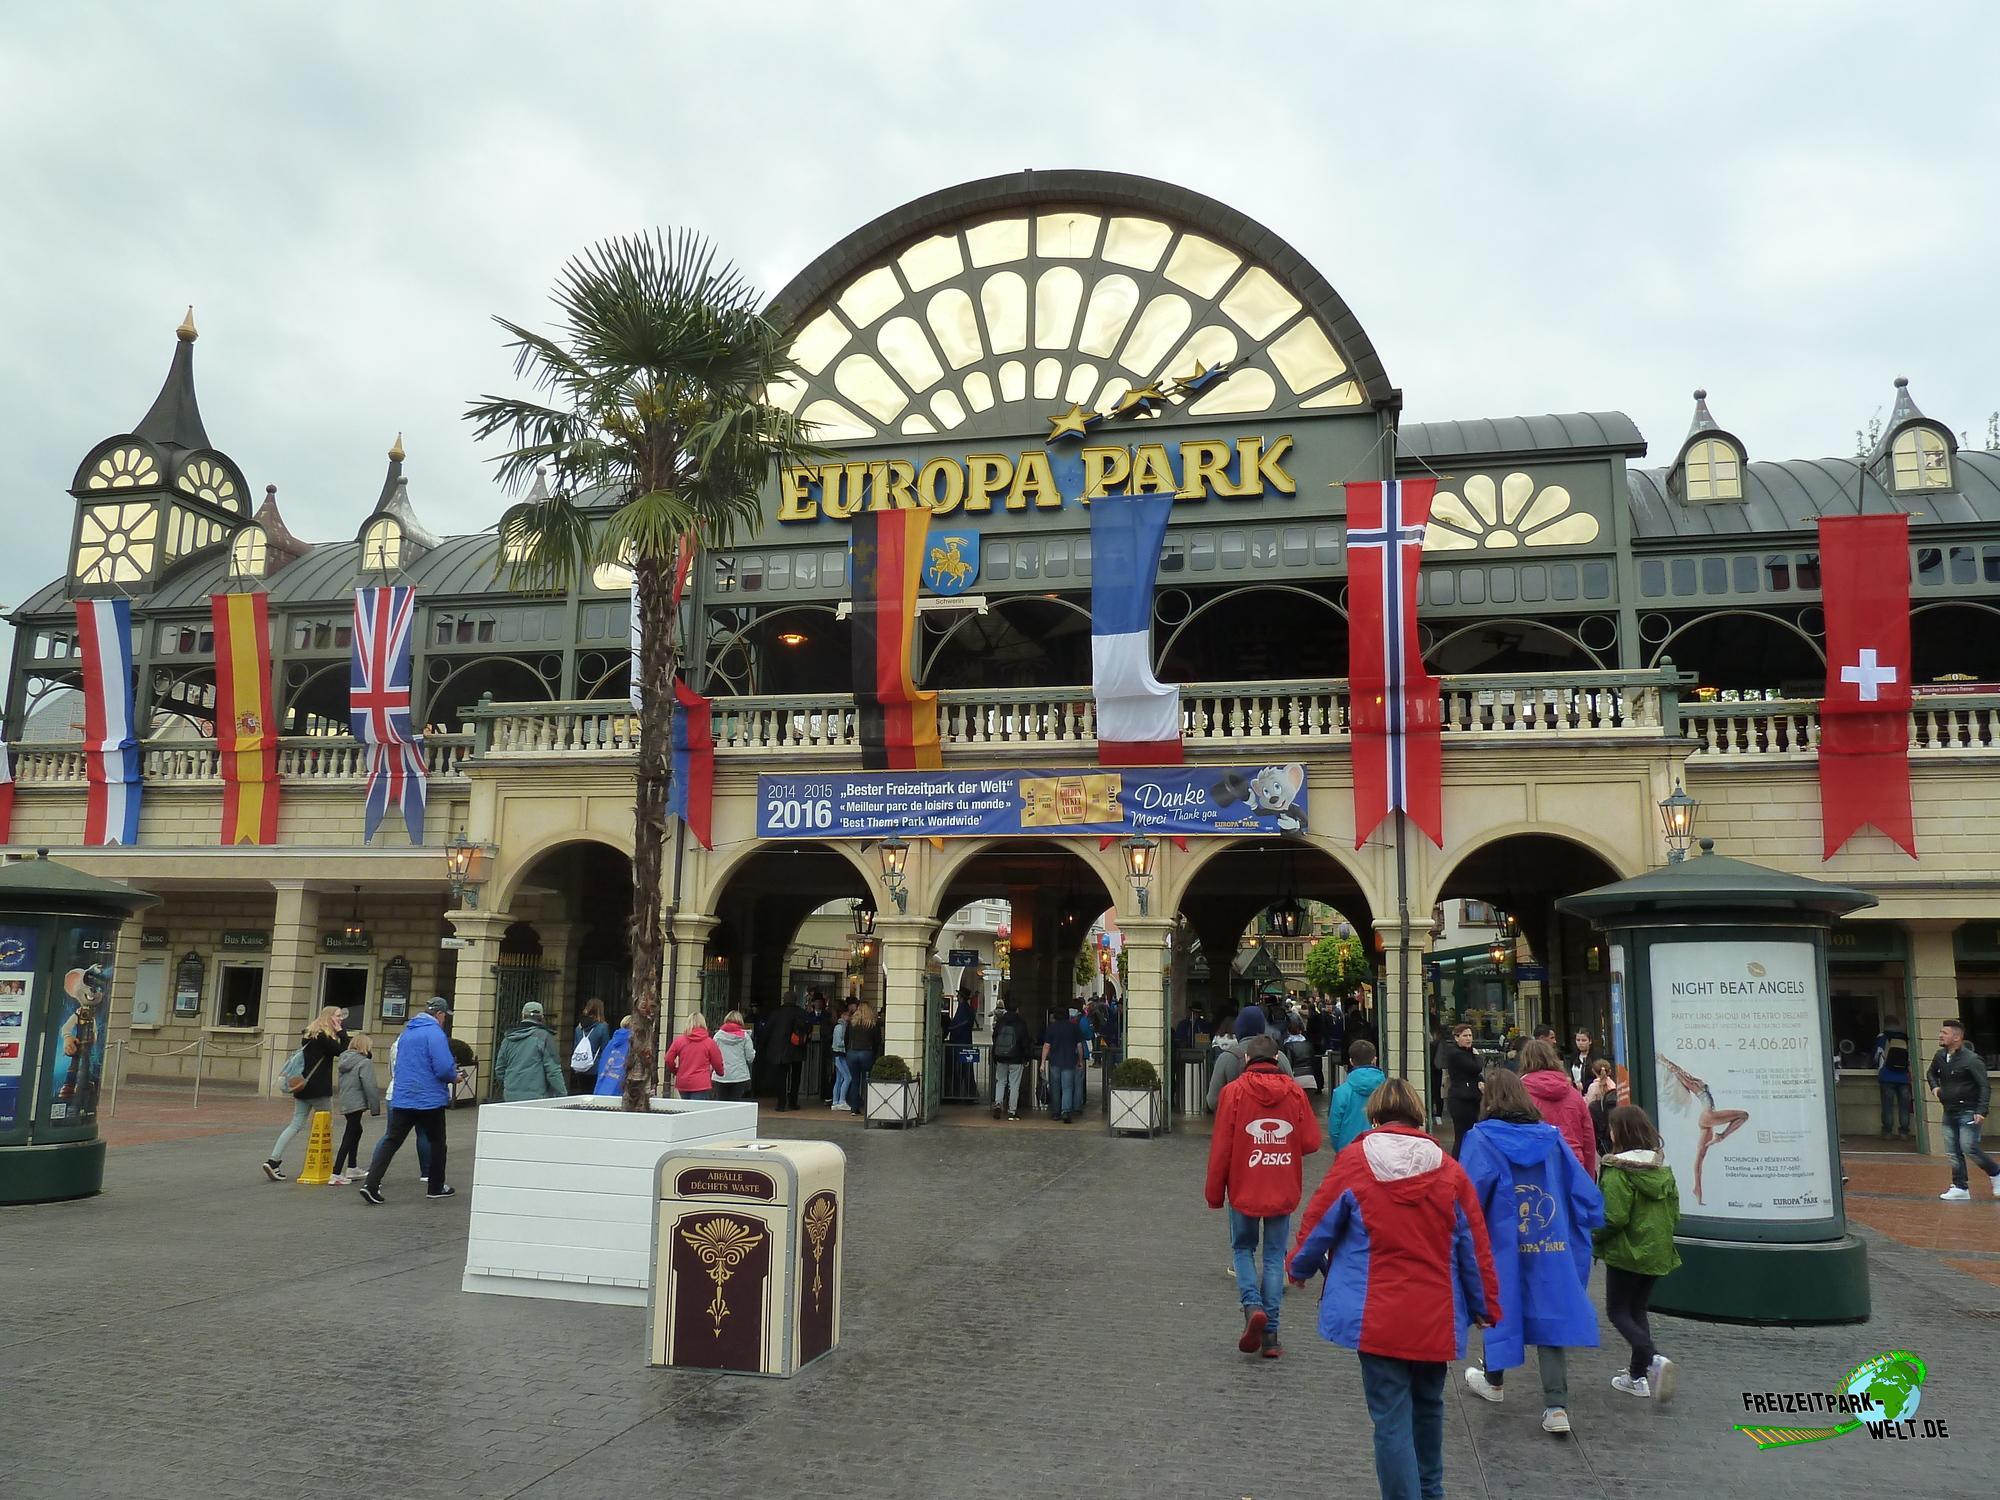 Bilder Europa Park